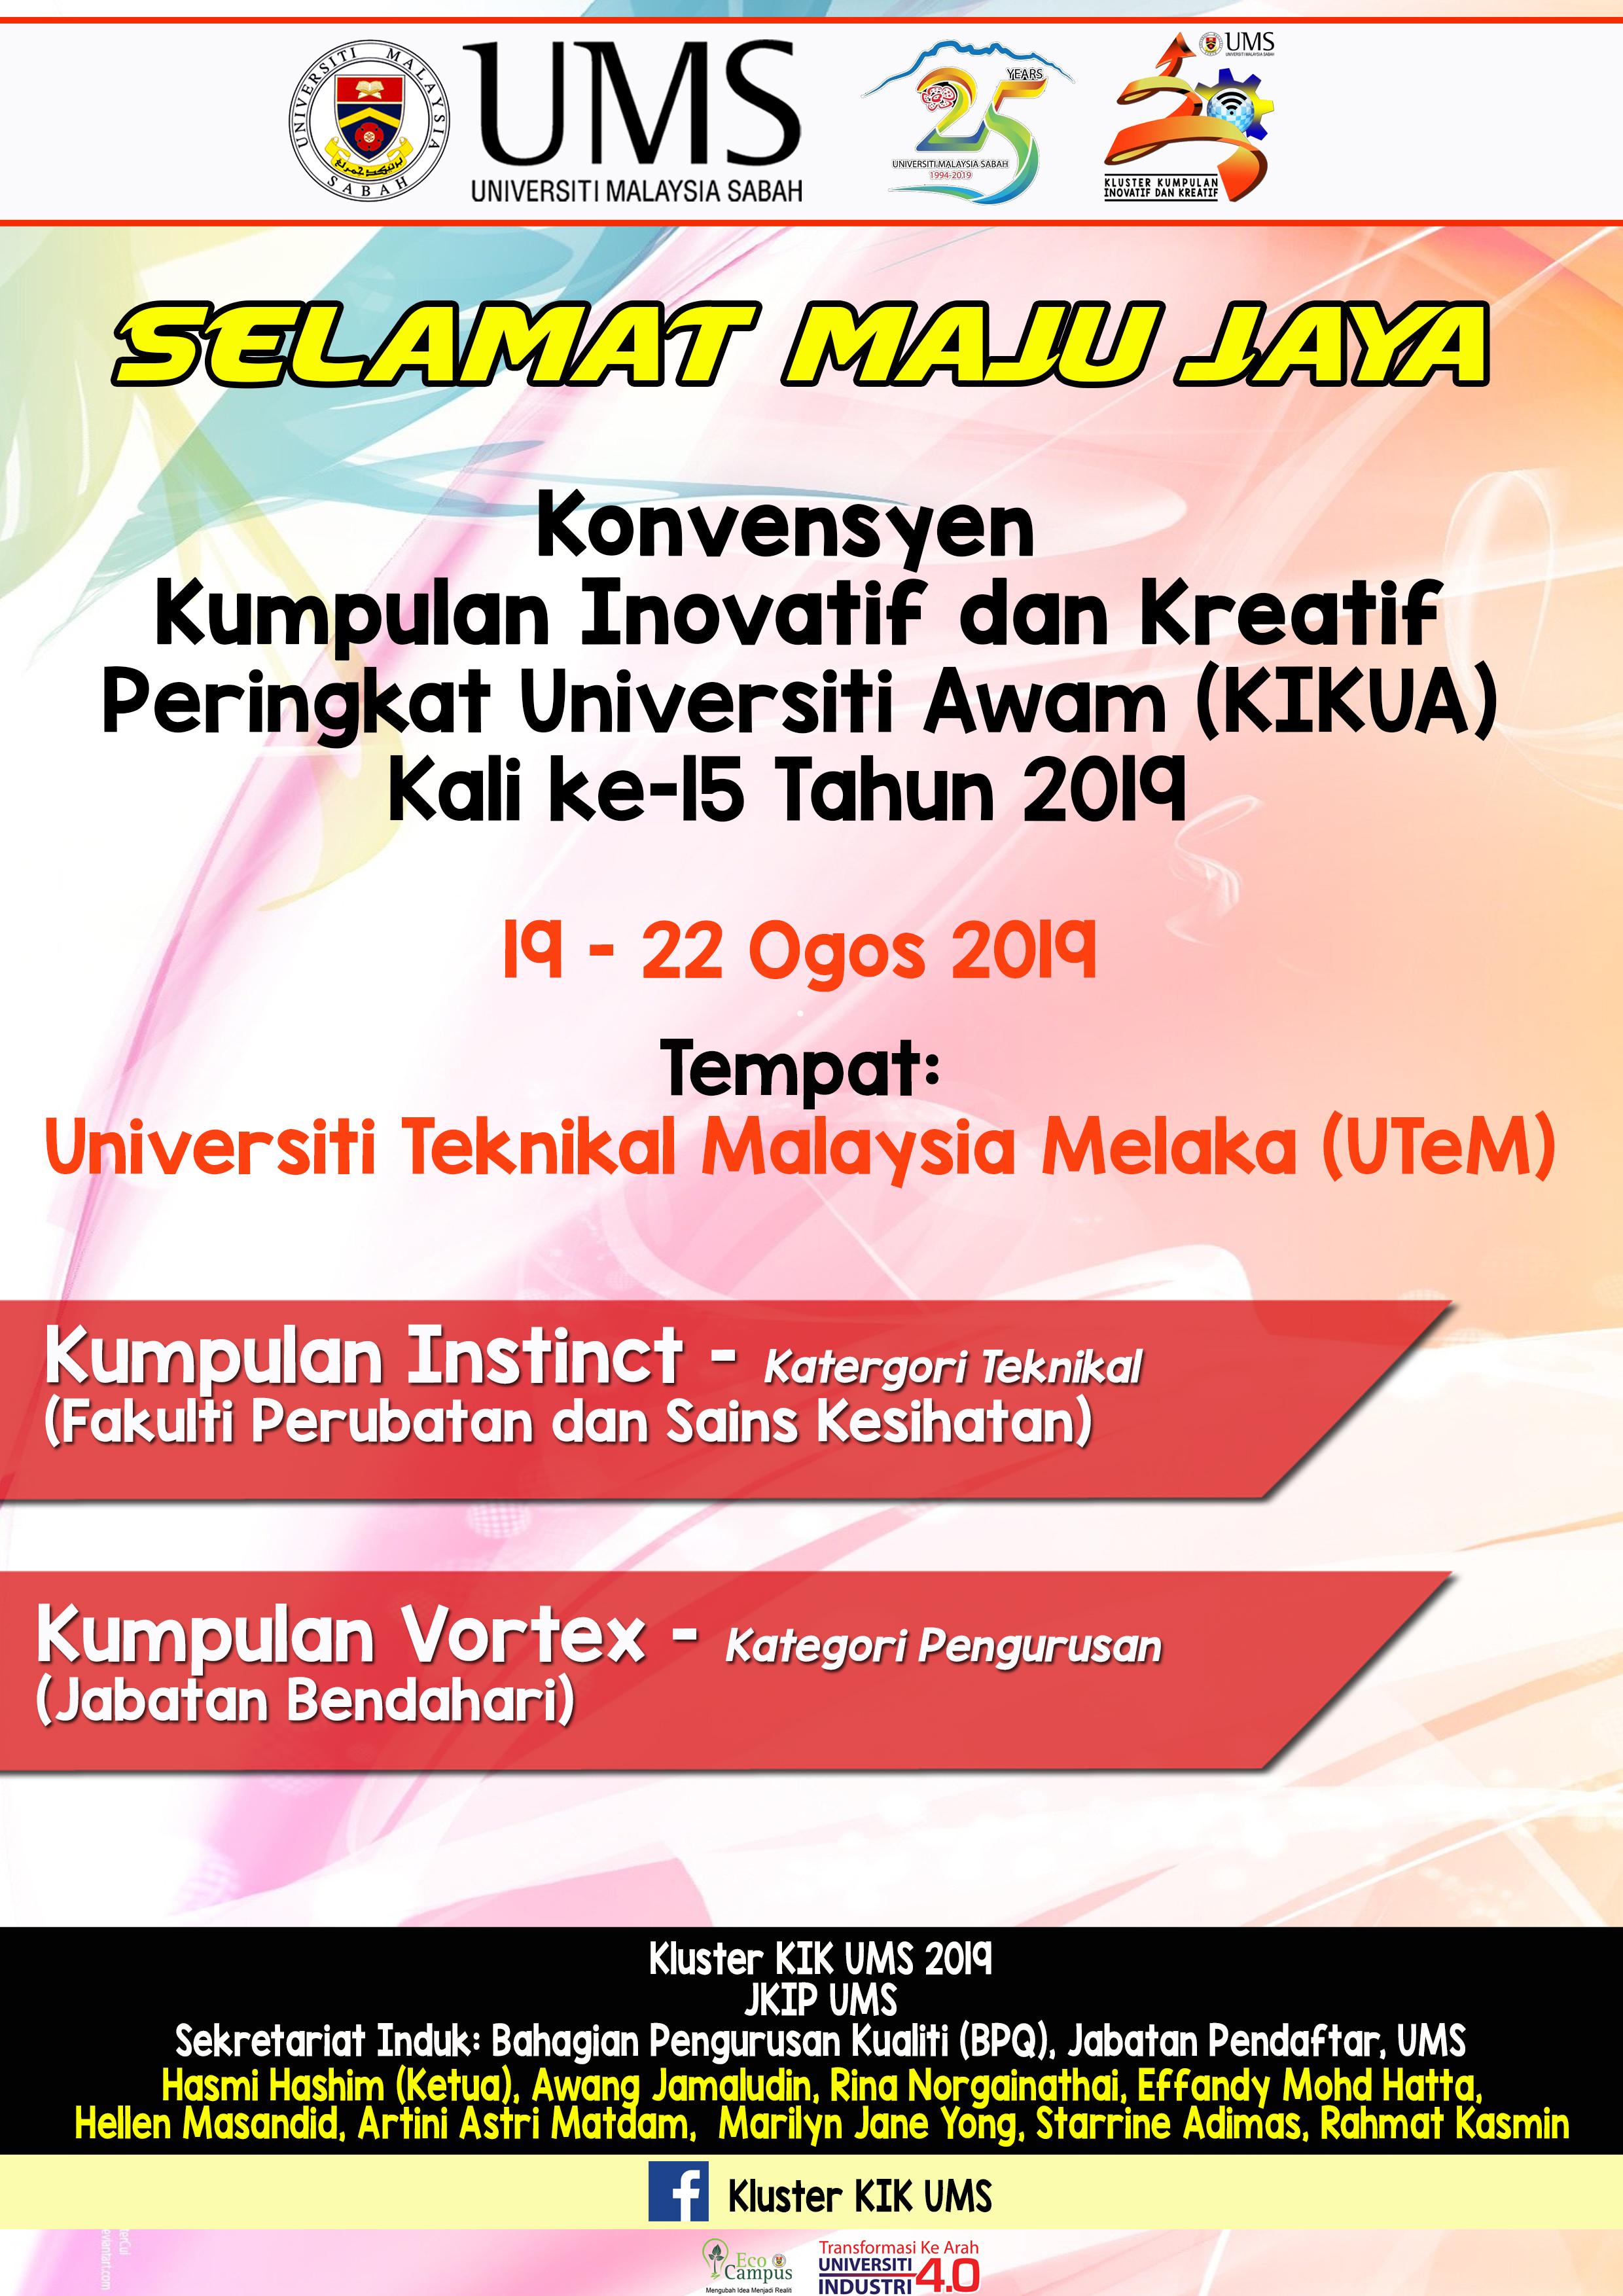 Ums Ucapan Selamat Maju Jaya Di Konvensyen Kumpulan Inovatif Dan Kreatif Peringkat Universiti Awam Kikua Kali Ke 15 Tahun 2019